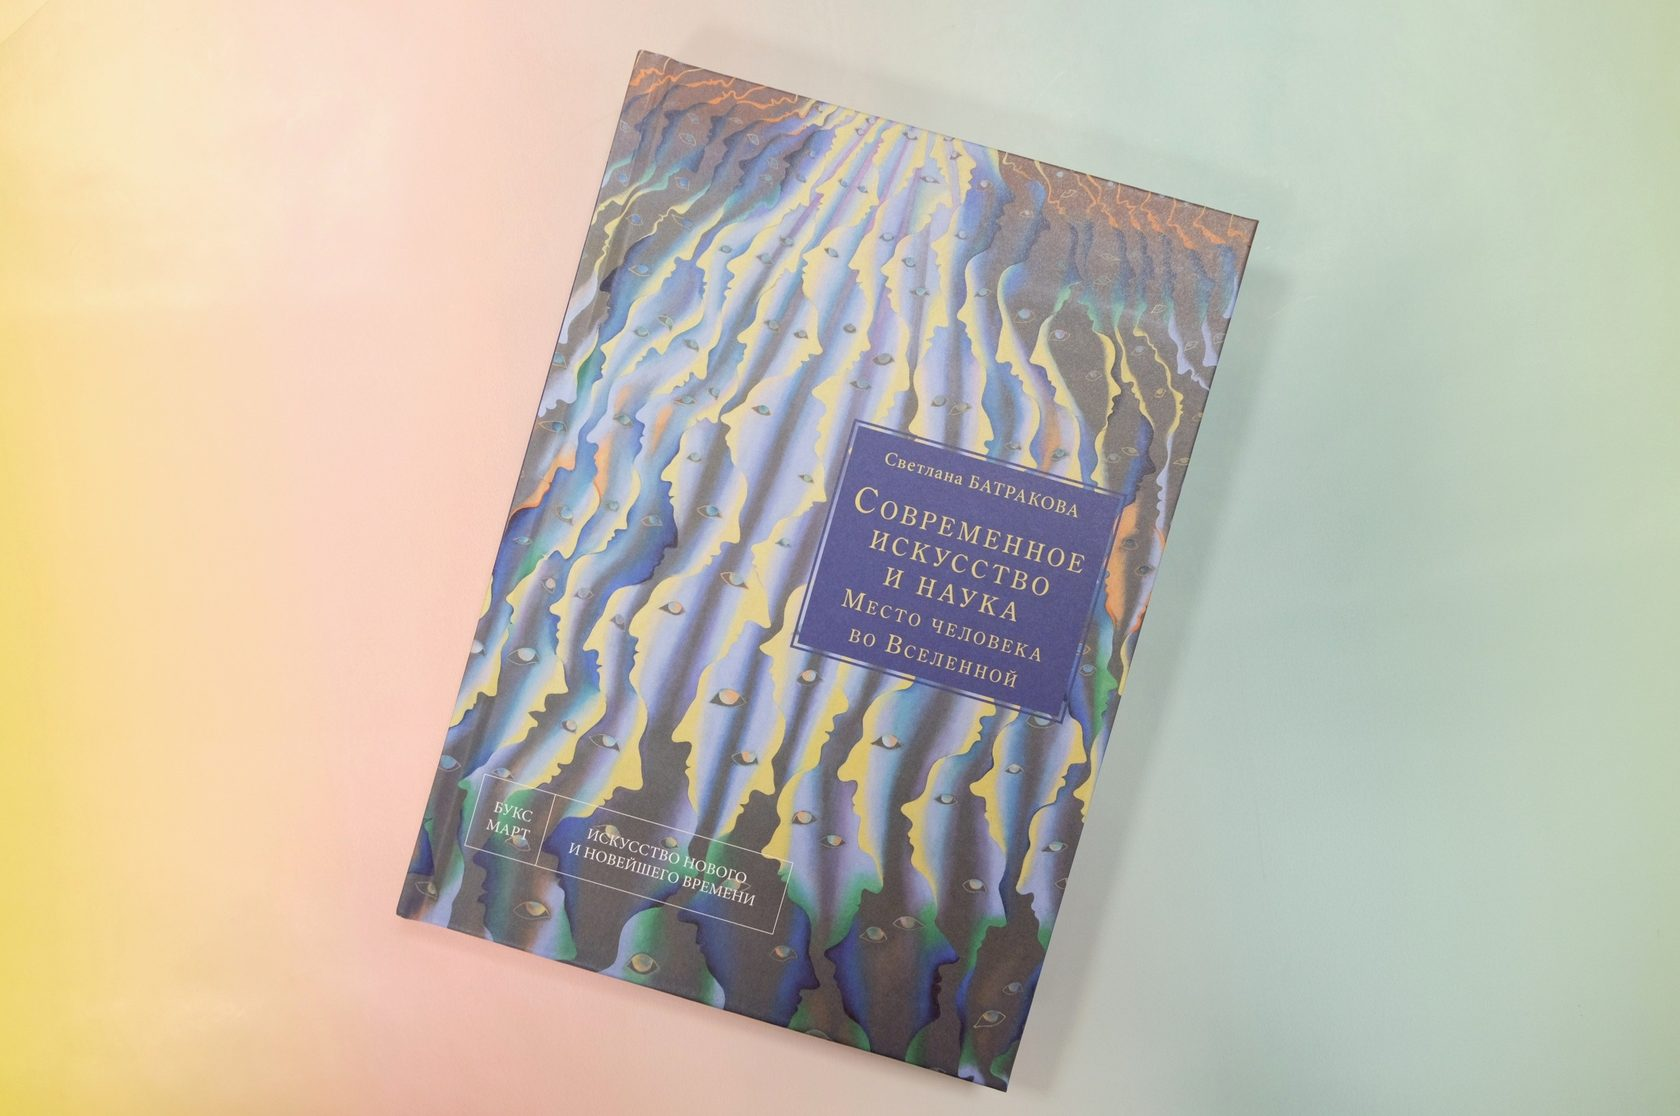 «Современное искусство и наука. Место человека во Вселенной»  Светлана Петровна Батракова